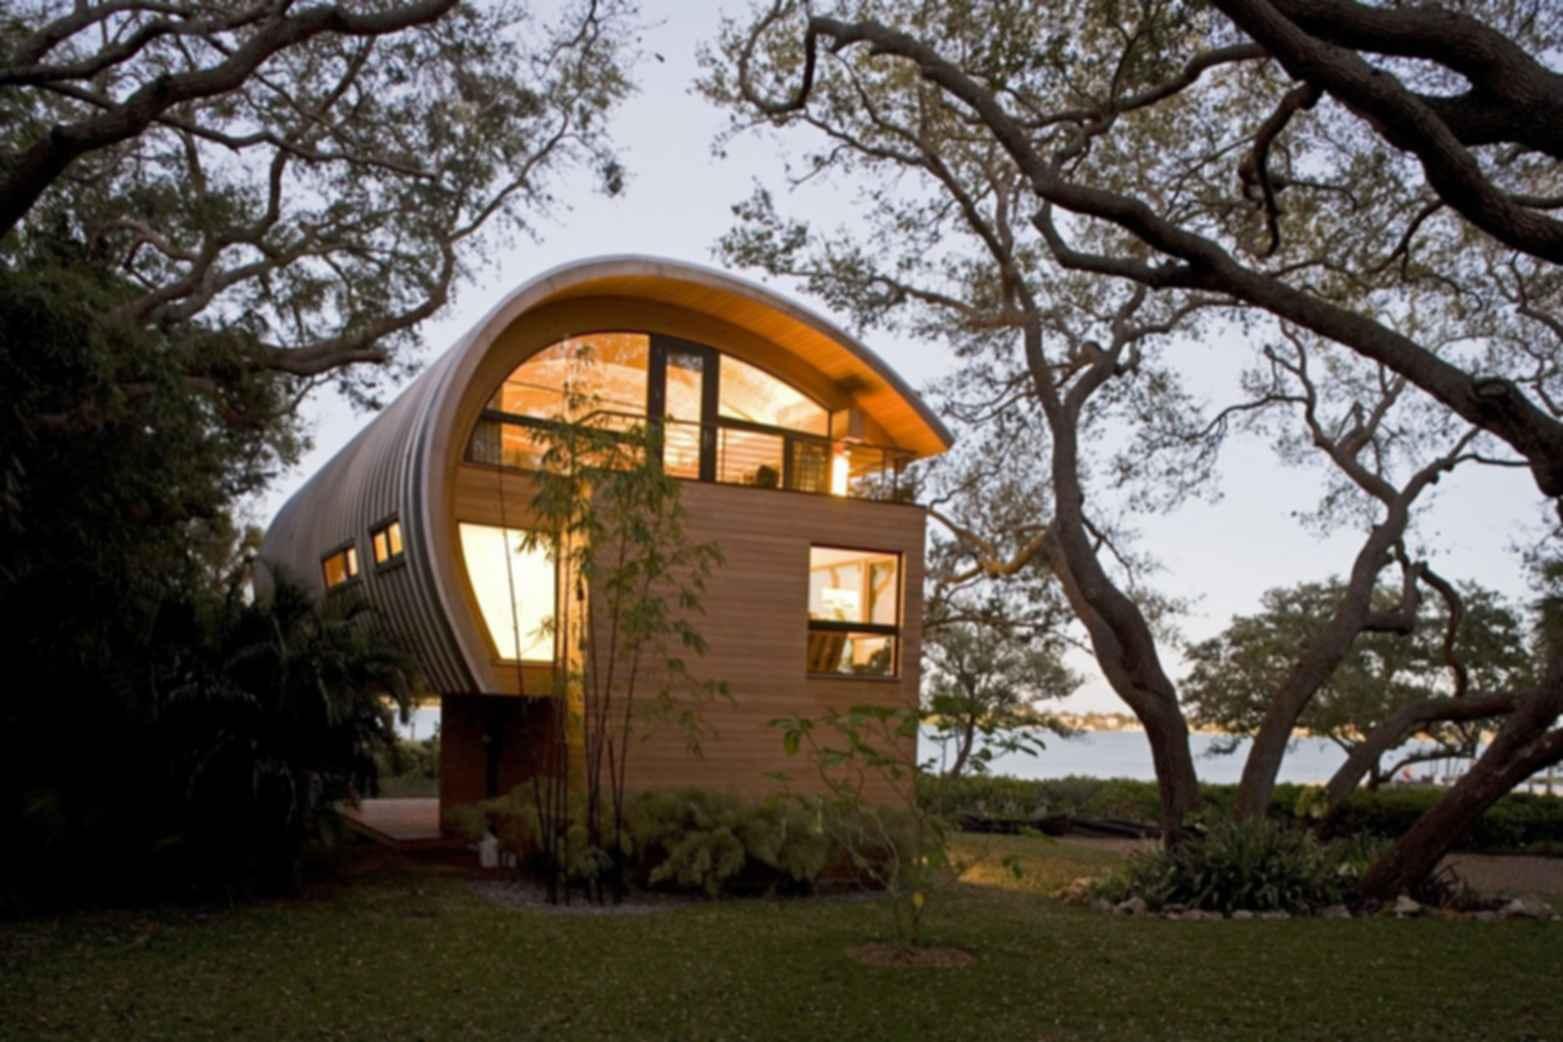 Casey Key Guest House - Exterior/Landscape